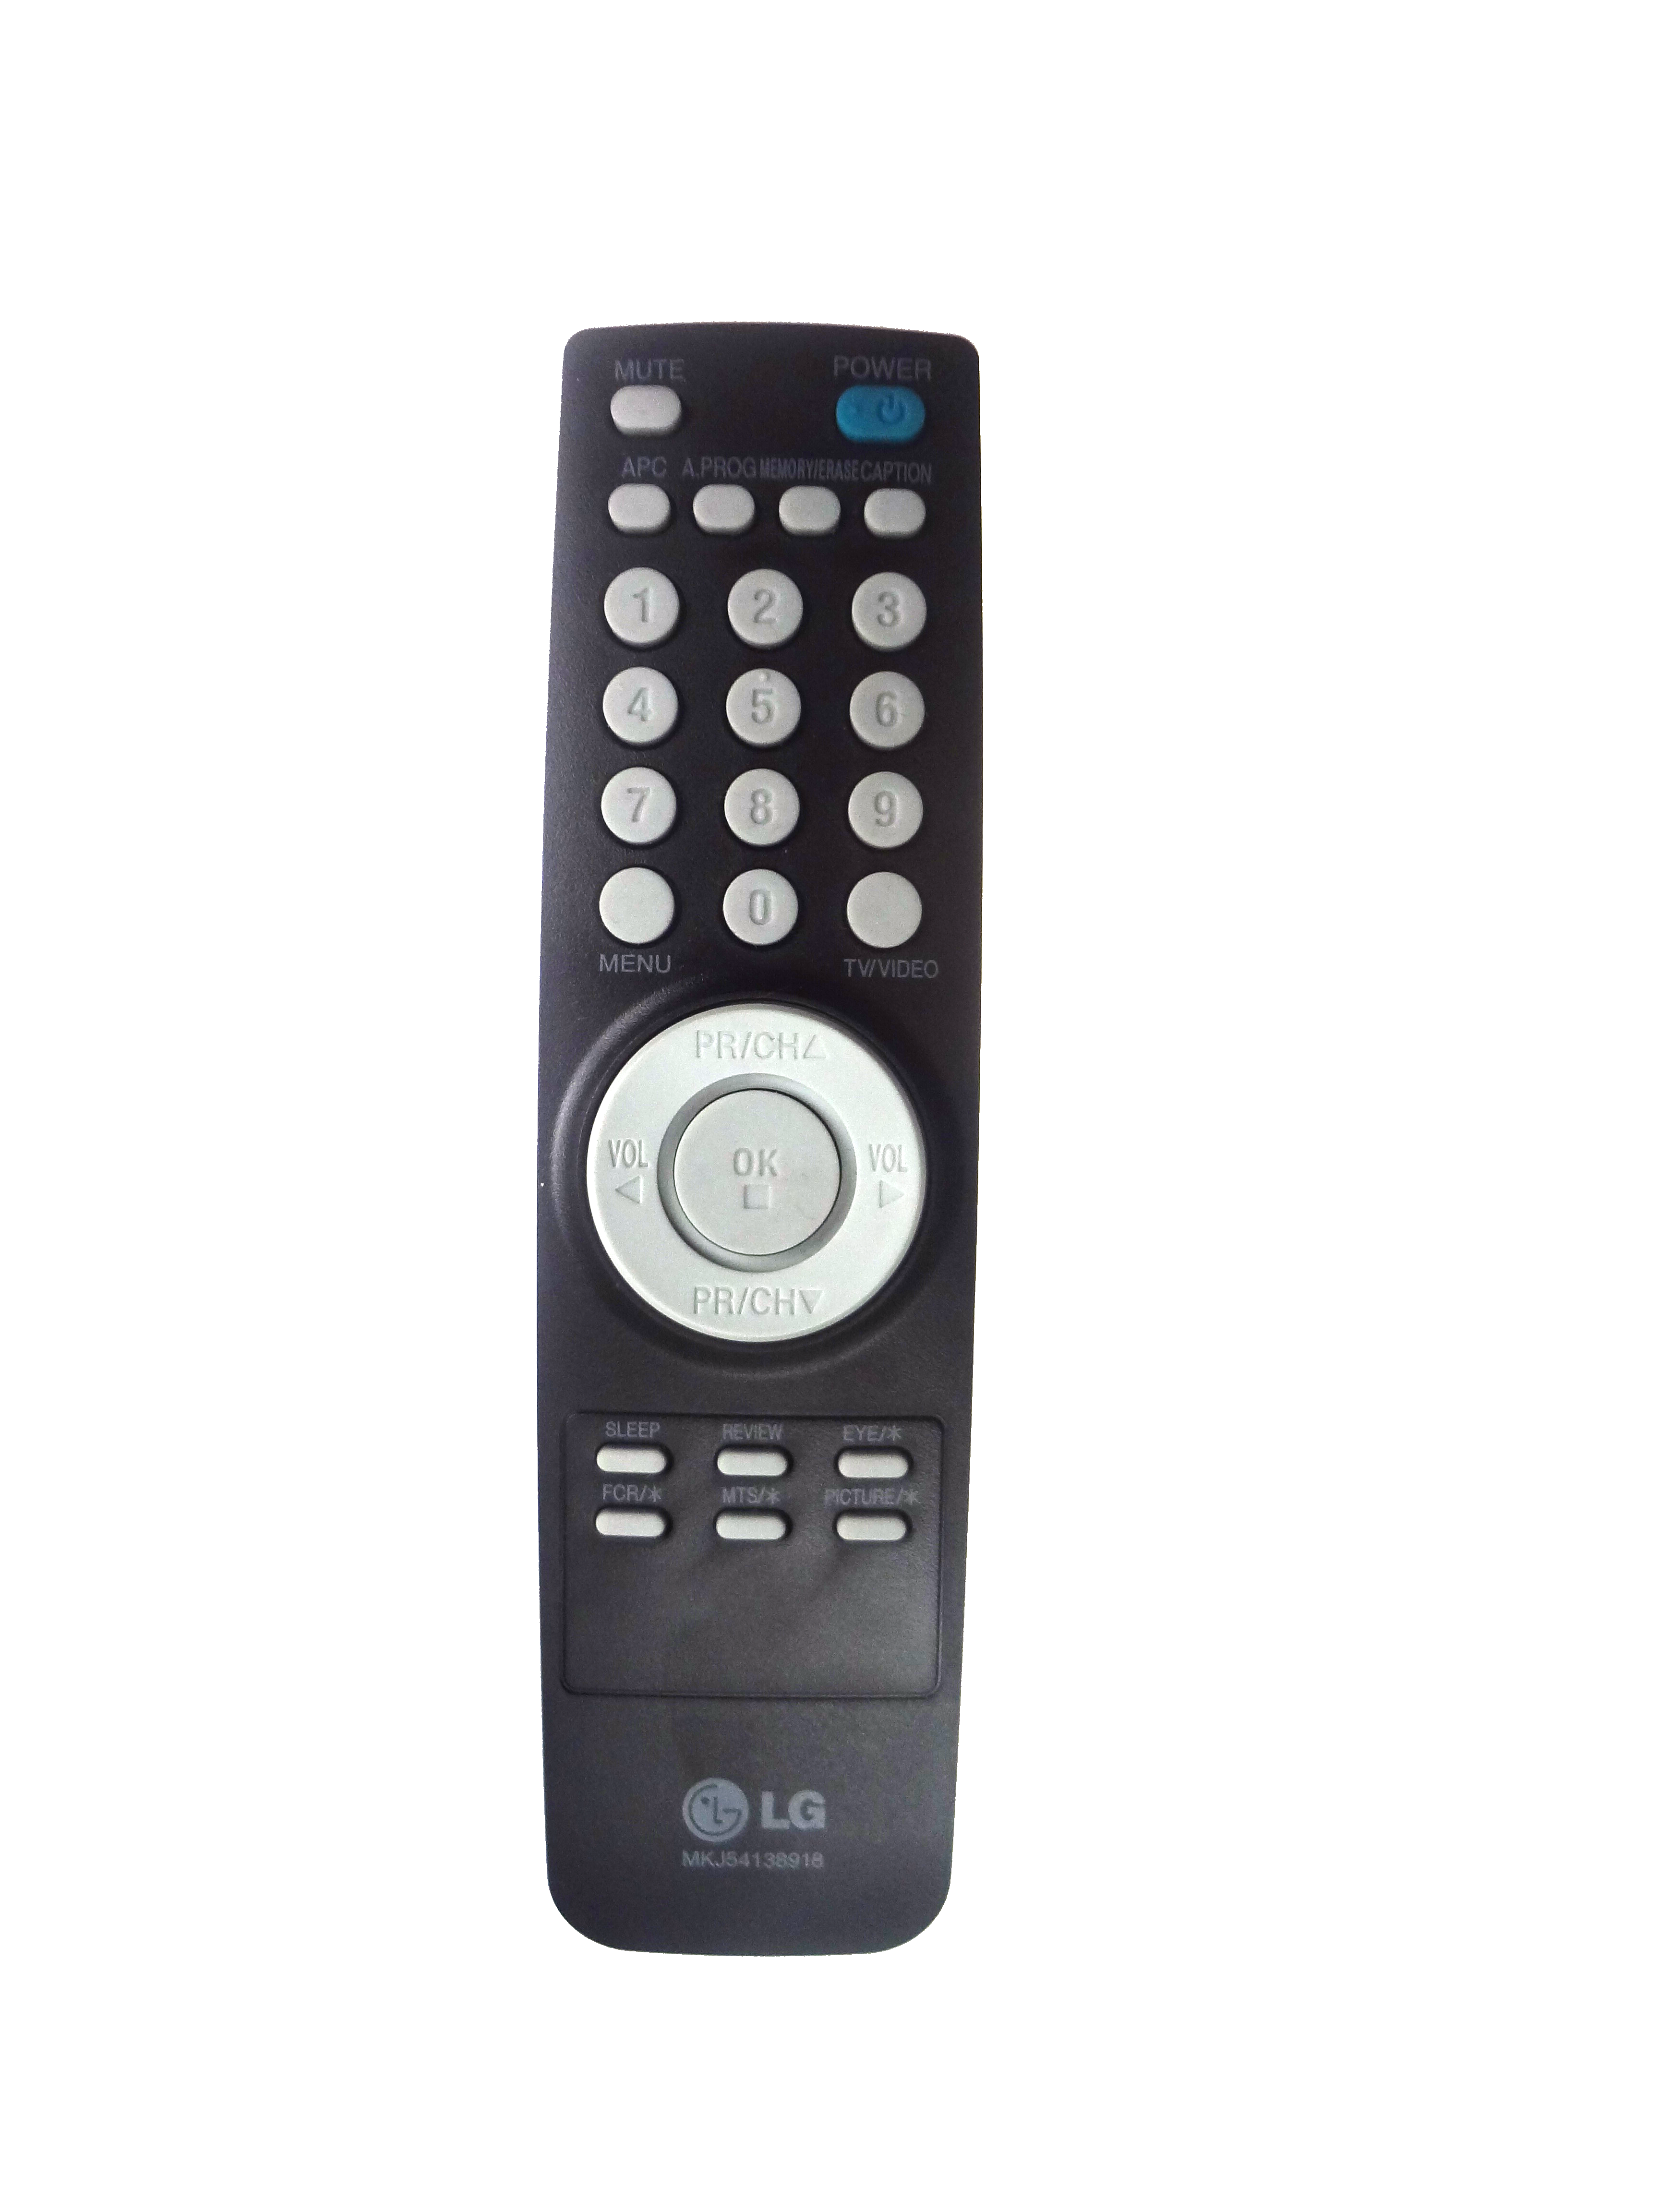 Mkj54138918 Remote Control Remote Tv Remote